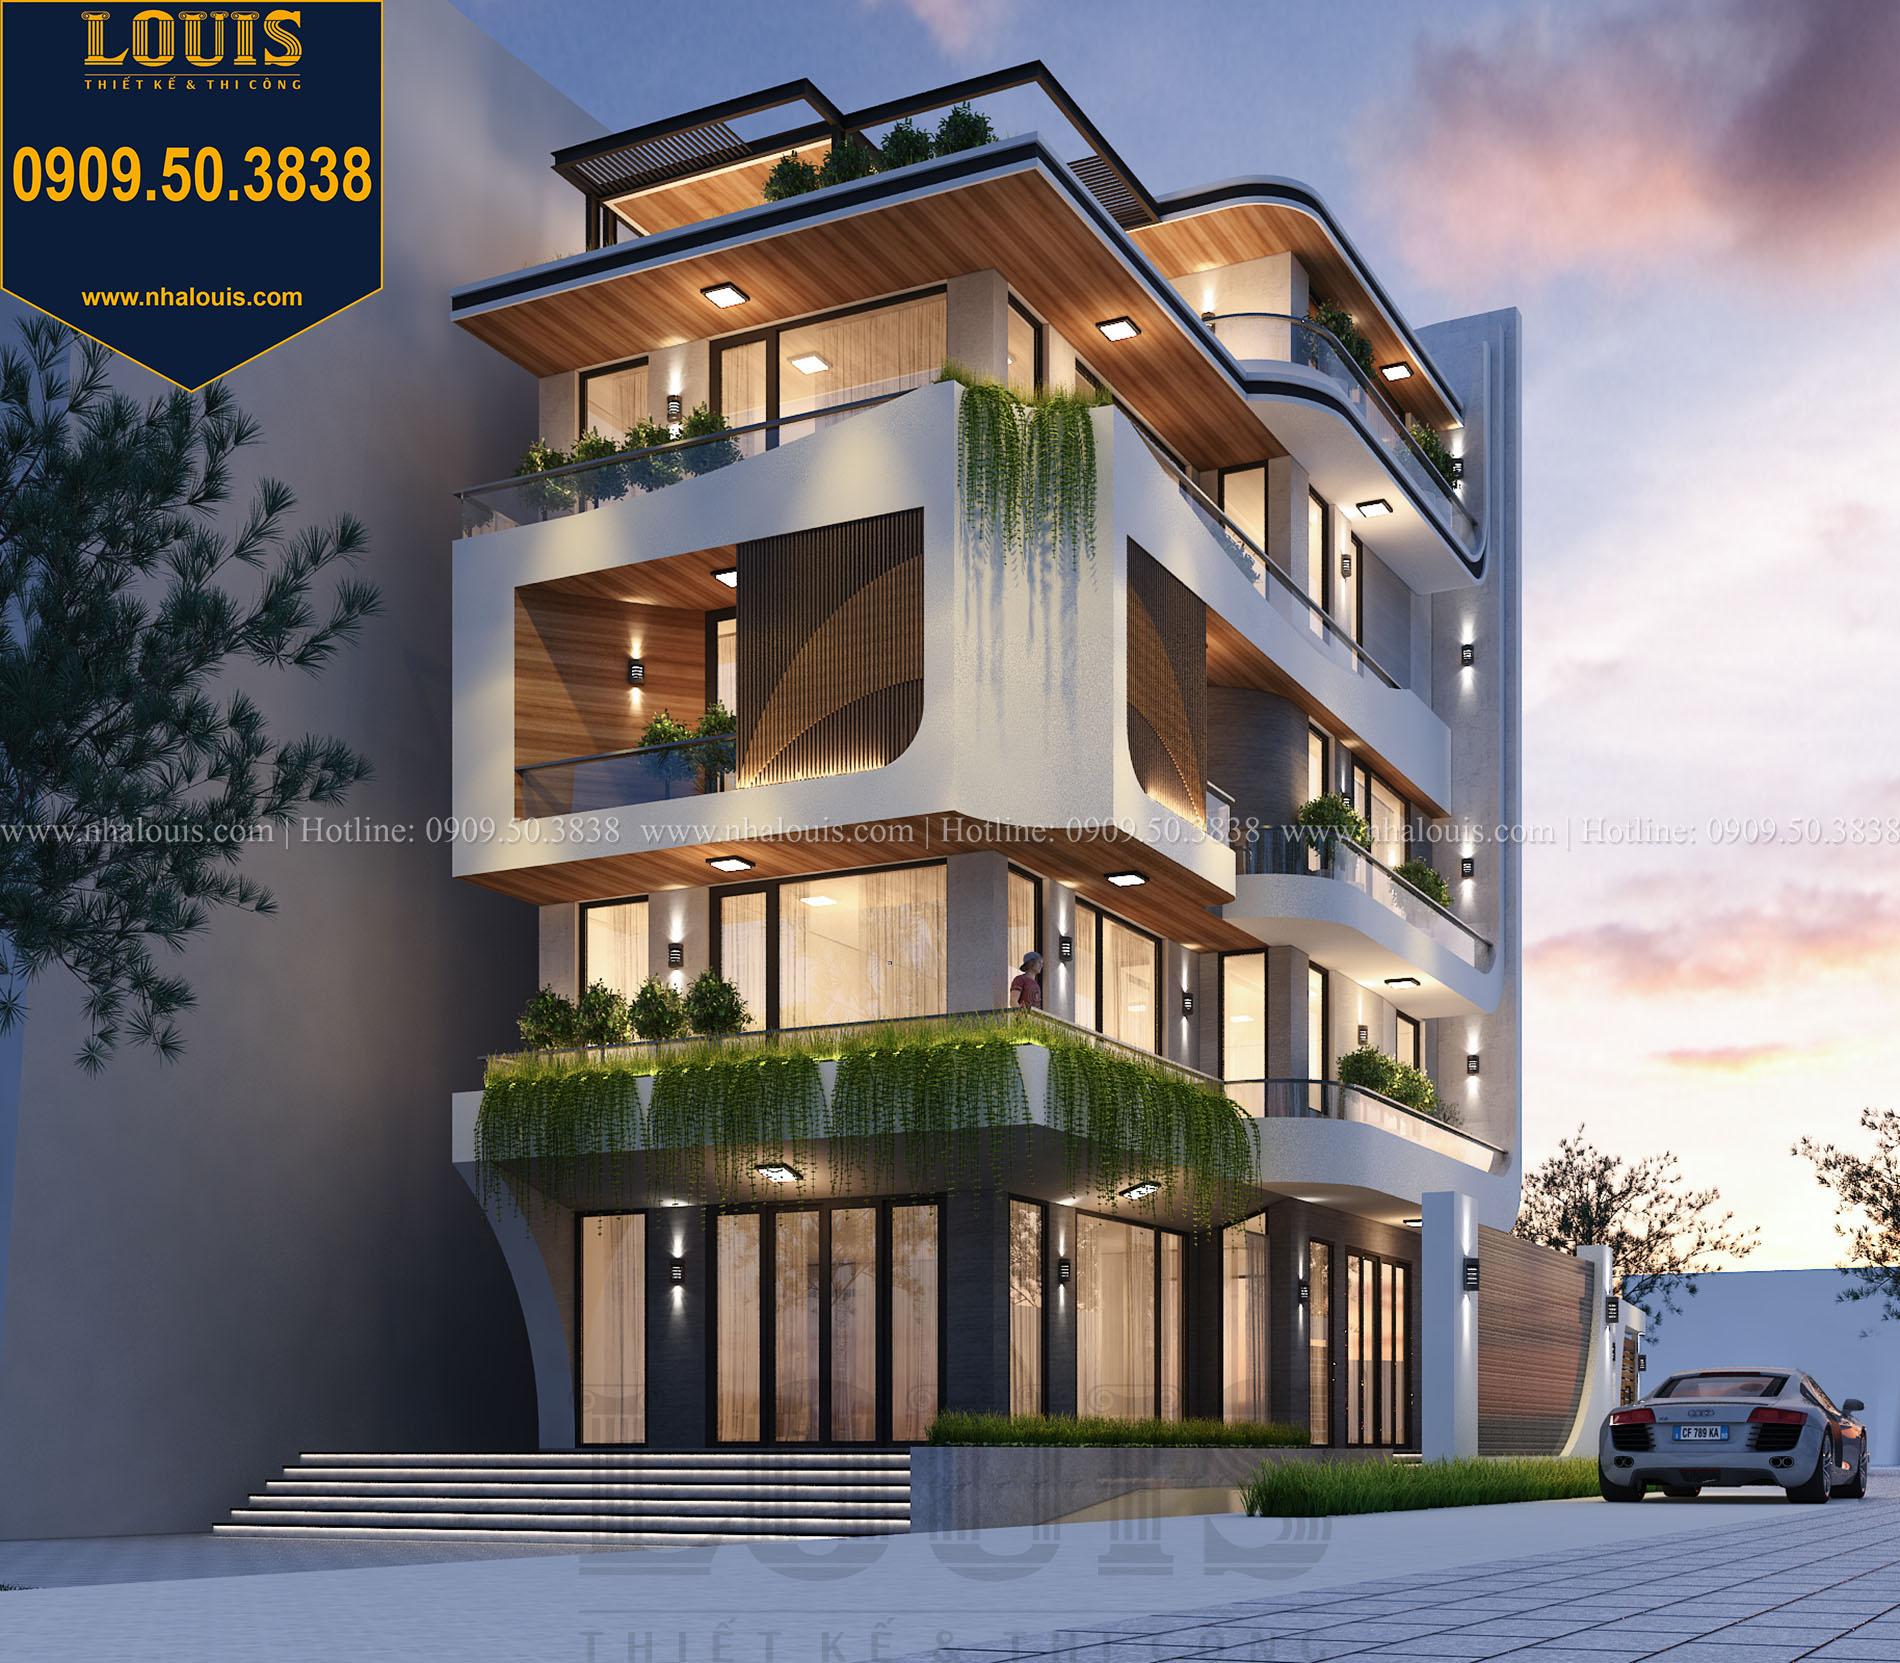 Mặt tiền Thiết kế biệt thự 5 tầng hiện đại đẹp lung linh tại Nha Trang - 003